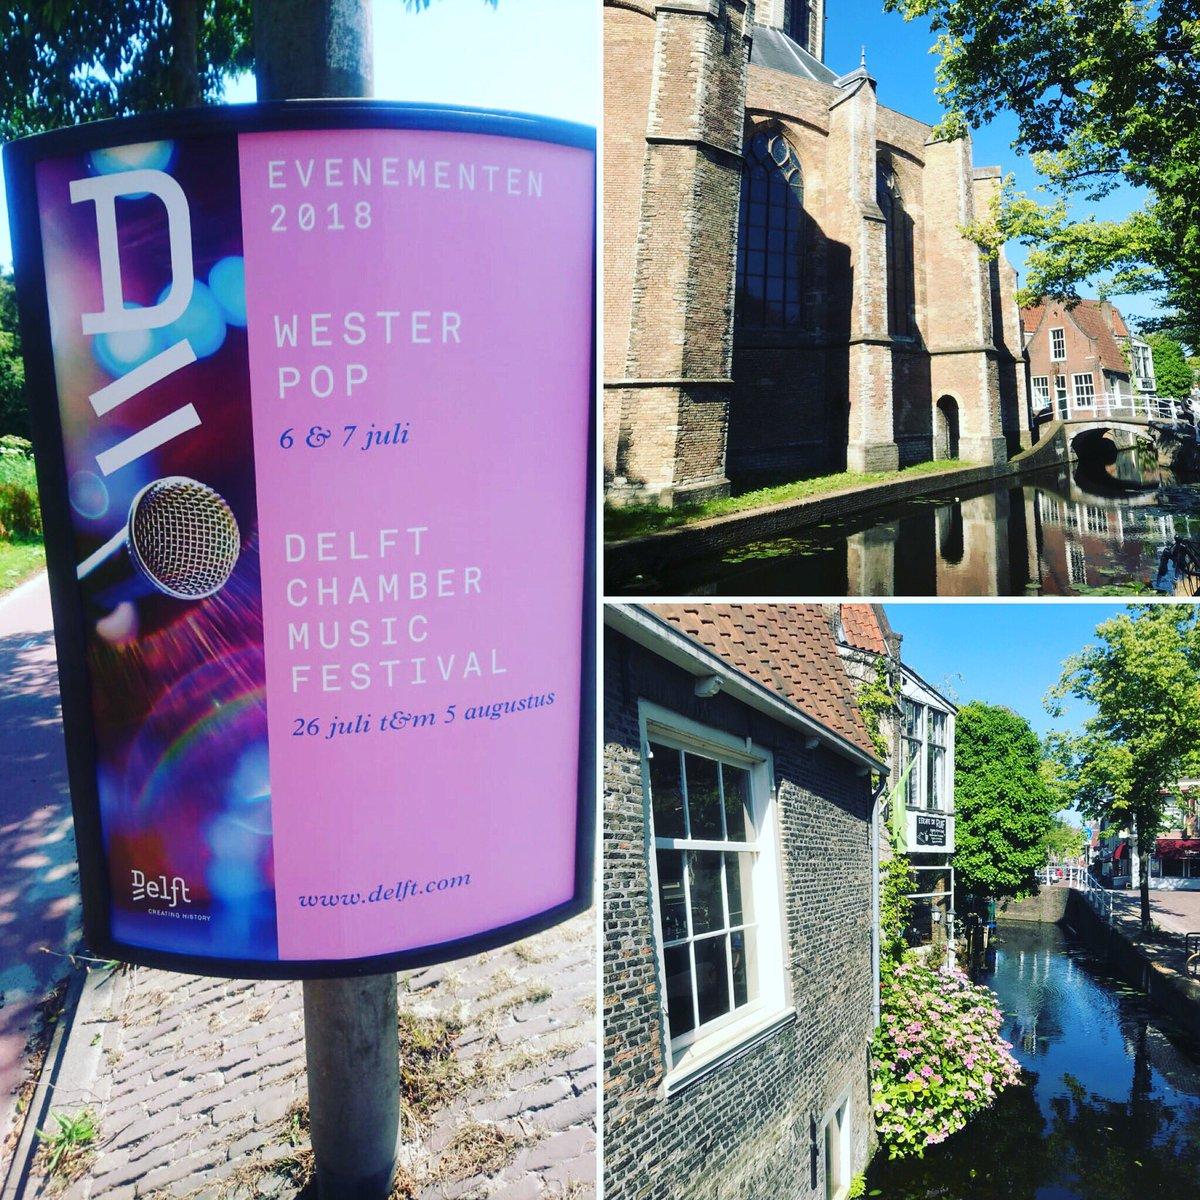 Delft Music Festival on Twitter: